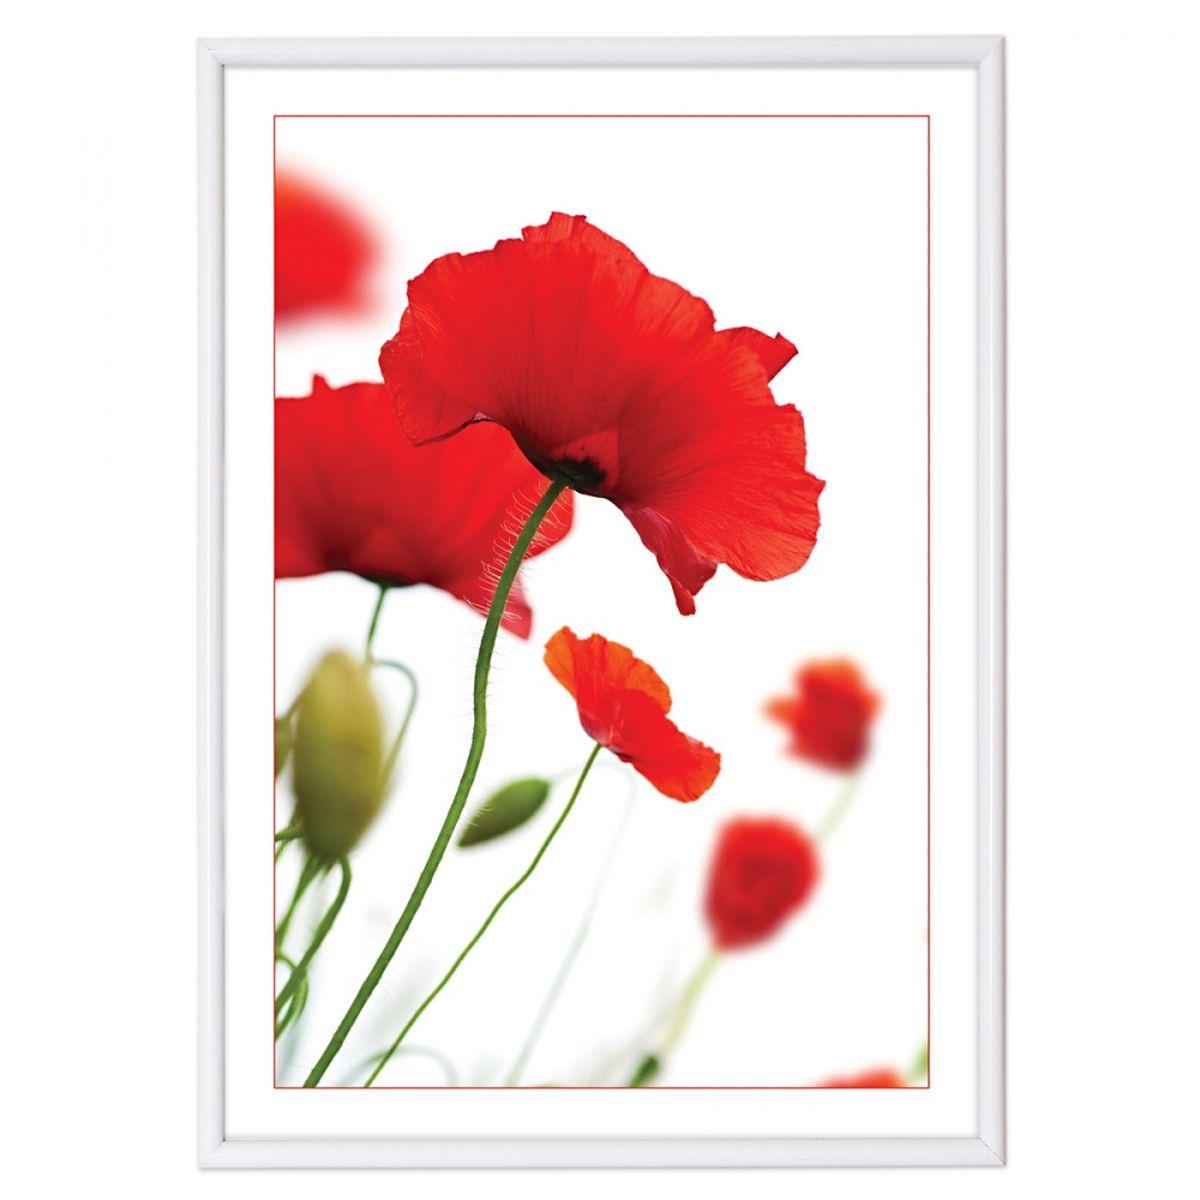 Фоторамка Pioneer Poster Lux White, цвет: белый, 21 х 29,7 см15796 PRФоторамка Pioneer Poster Lux White выполнена из пластика и стекла, защищающего фотографию. Оборотная сторона рамки оснащена специальным крючком, благодаря которому ее можно повесить на стену. Такая фоторамка поможет вам оригинально и стильно дополнить интерьер помещения, а также позволит сохранить память о дорогих вам людях и интересных событиях вашей жизни.Размер фотографии: 21 см х 29,7 см.